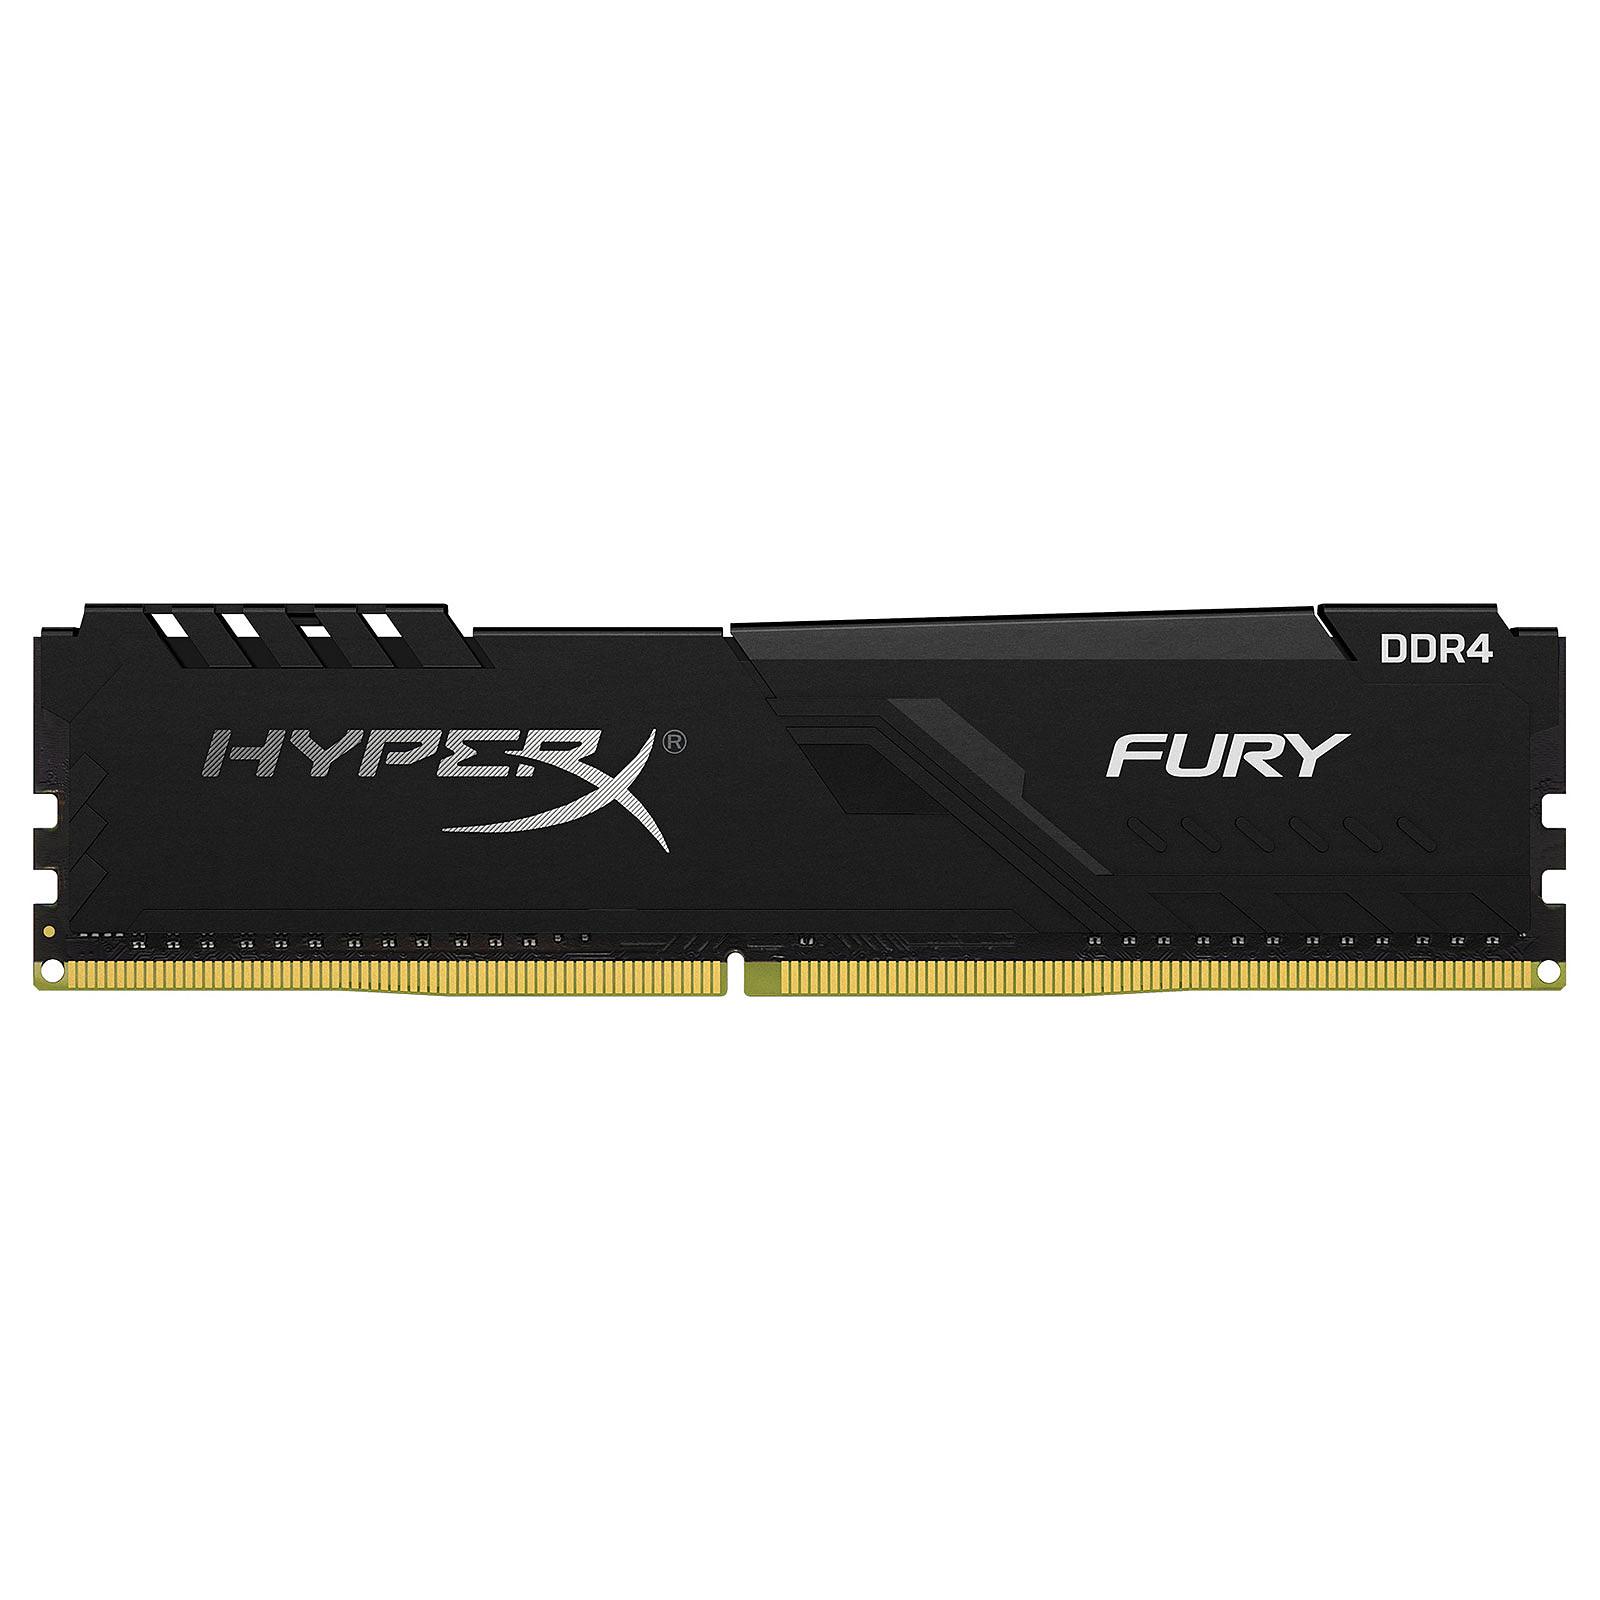 HyperX Fury 8 Go DDR4 3600 MHz CL17